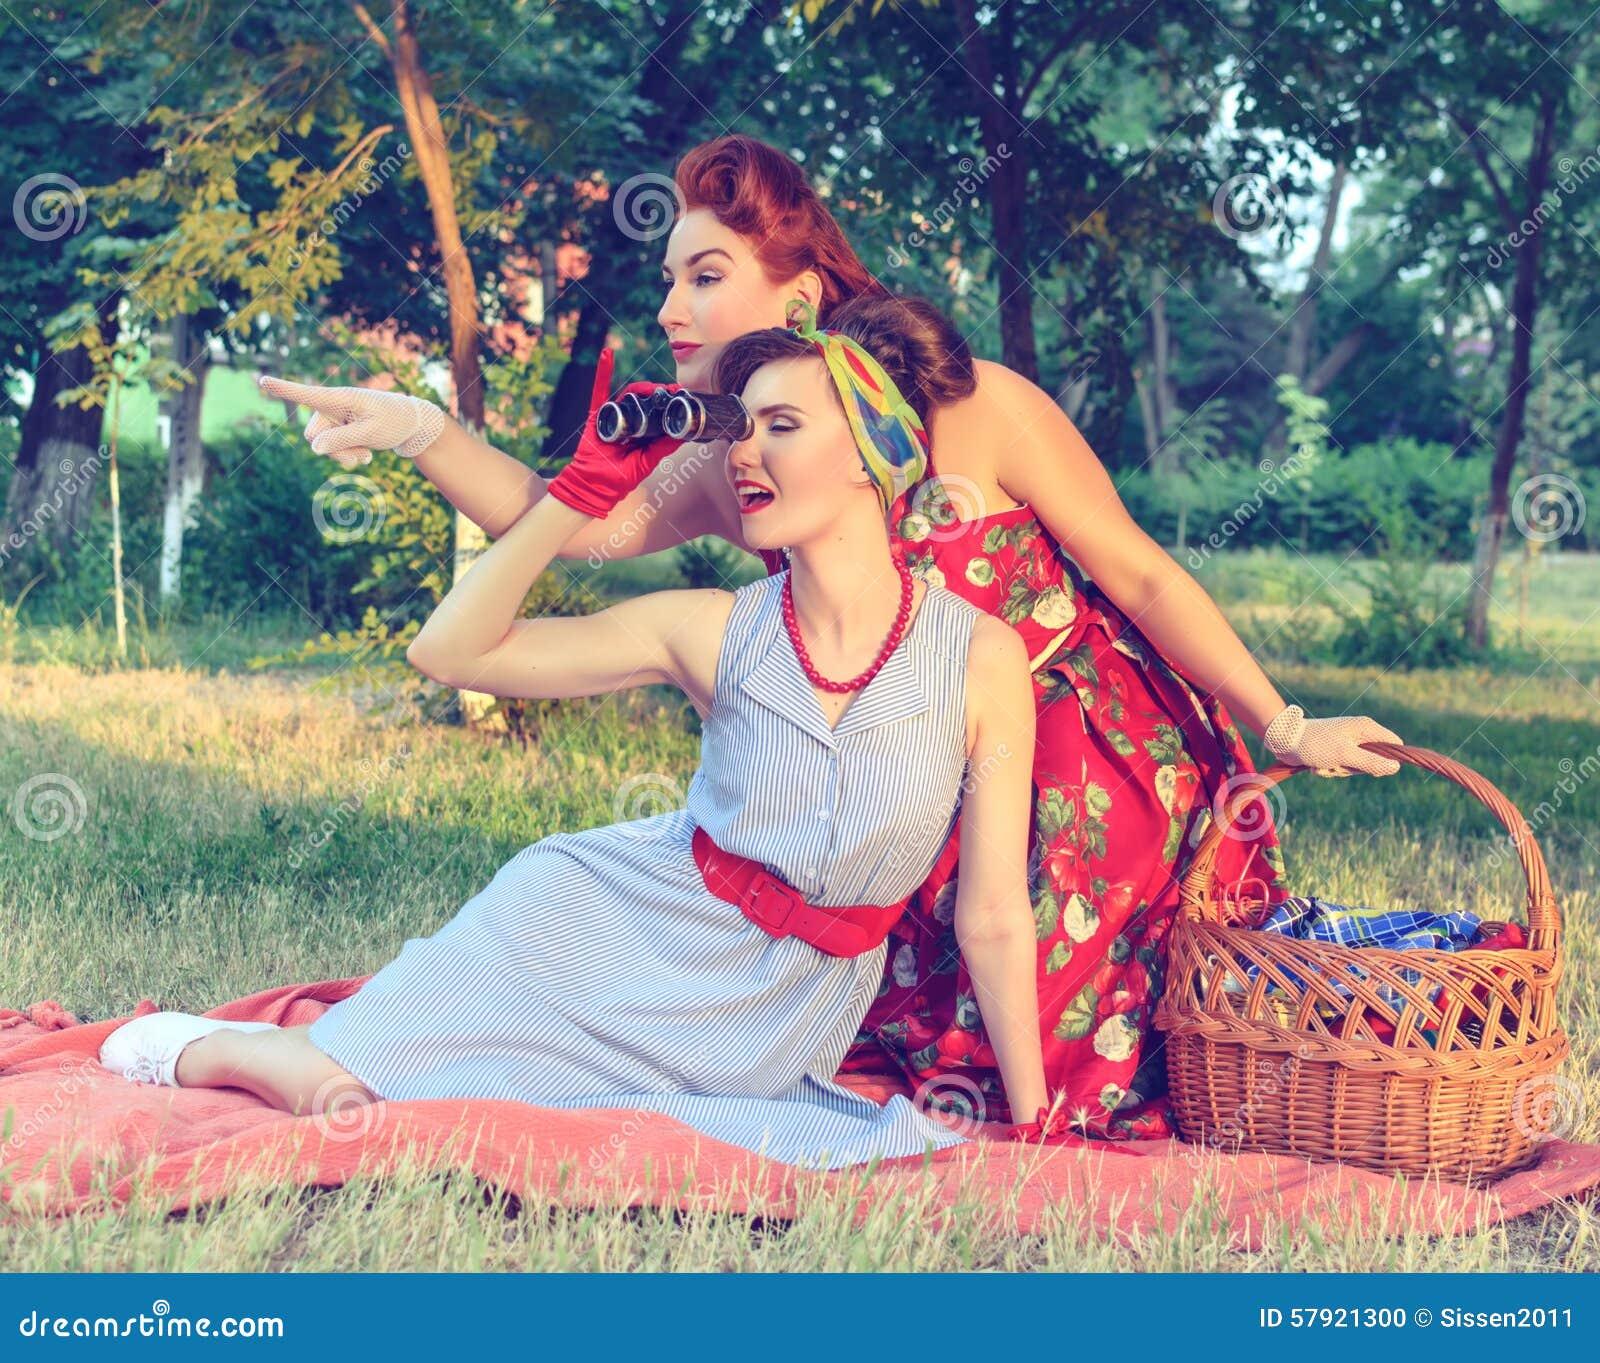 Citaten Uit Twee Vrouwen : Twee vrouwen het spioneren stock foto afbeelding